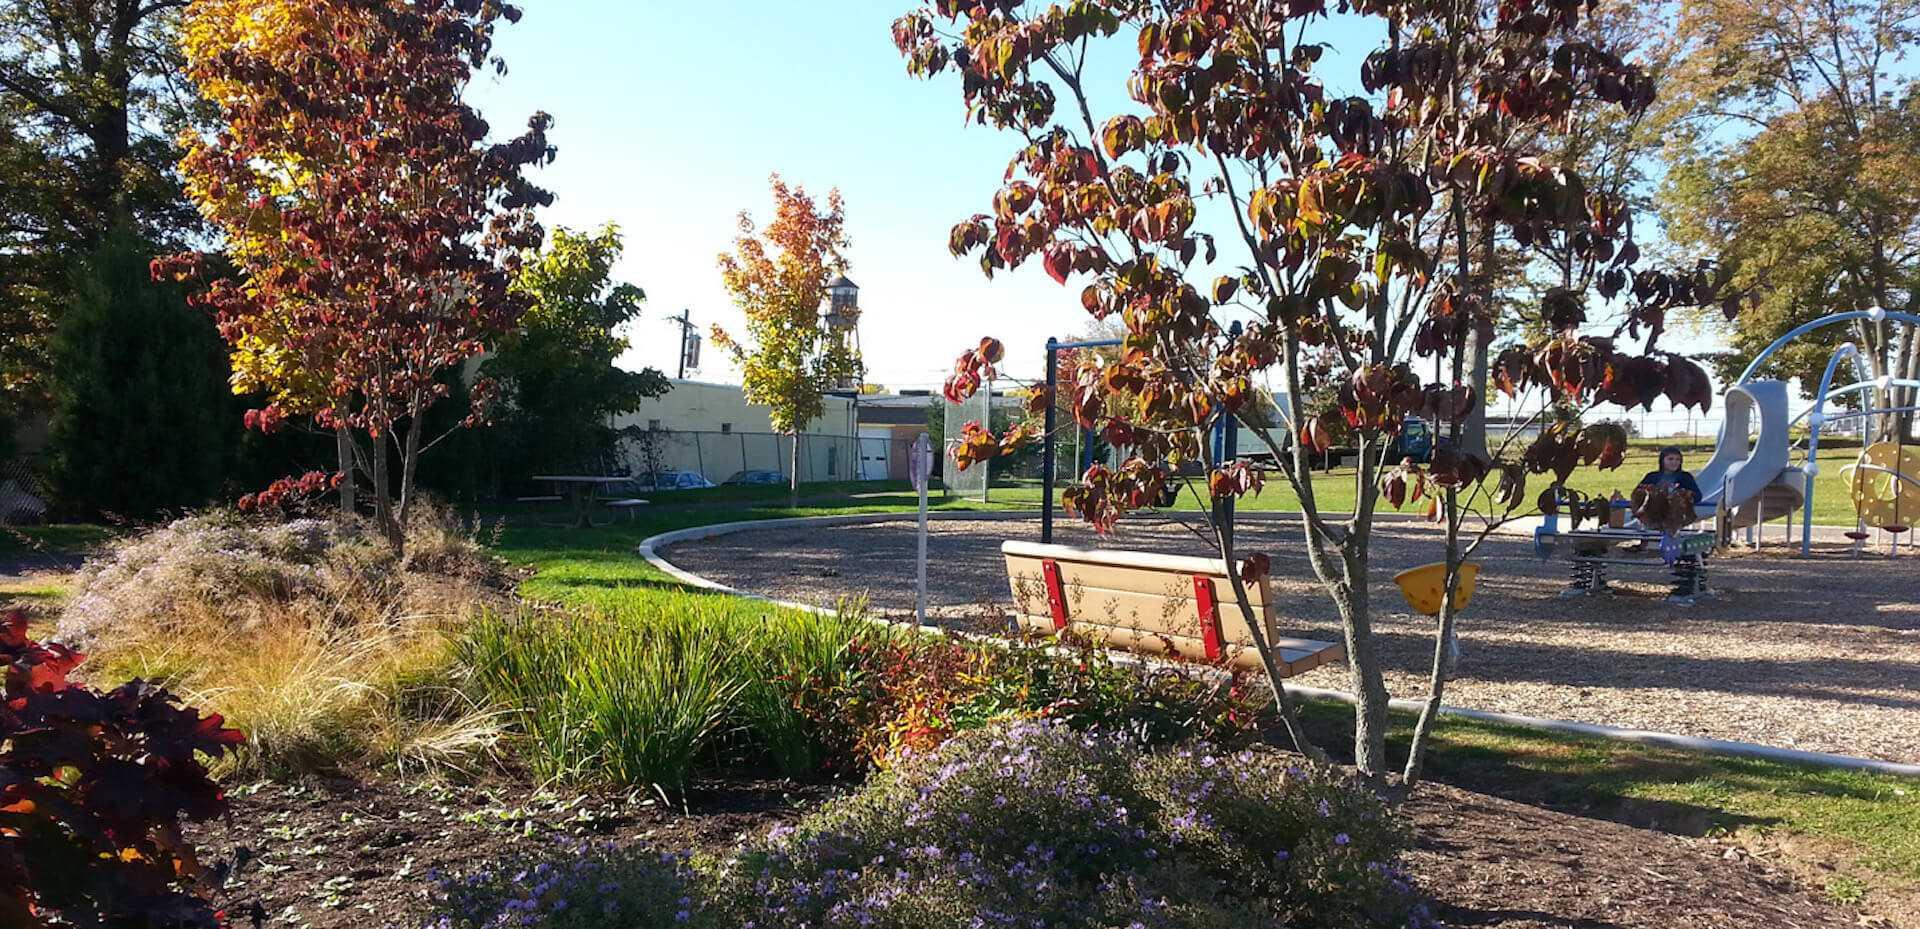 public park behind the landscape